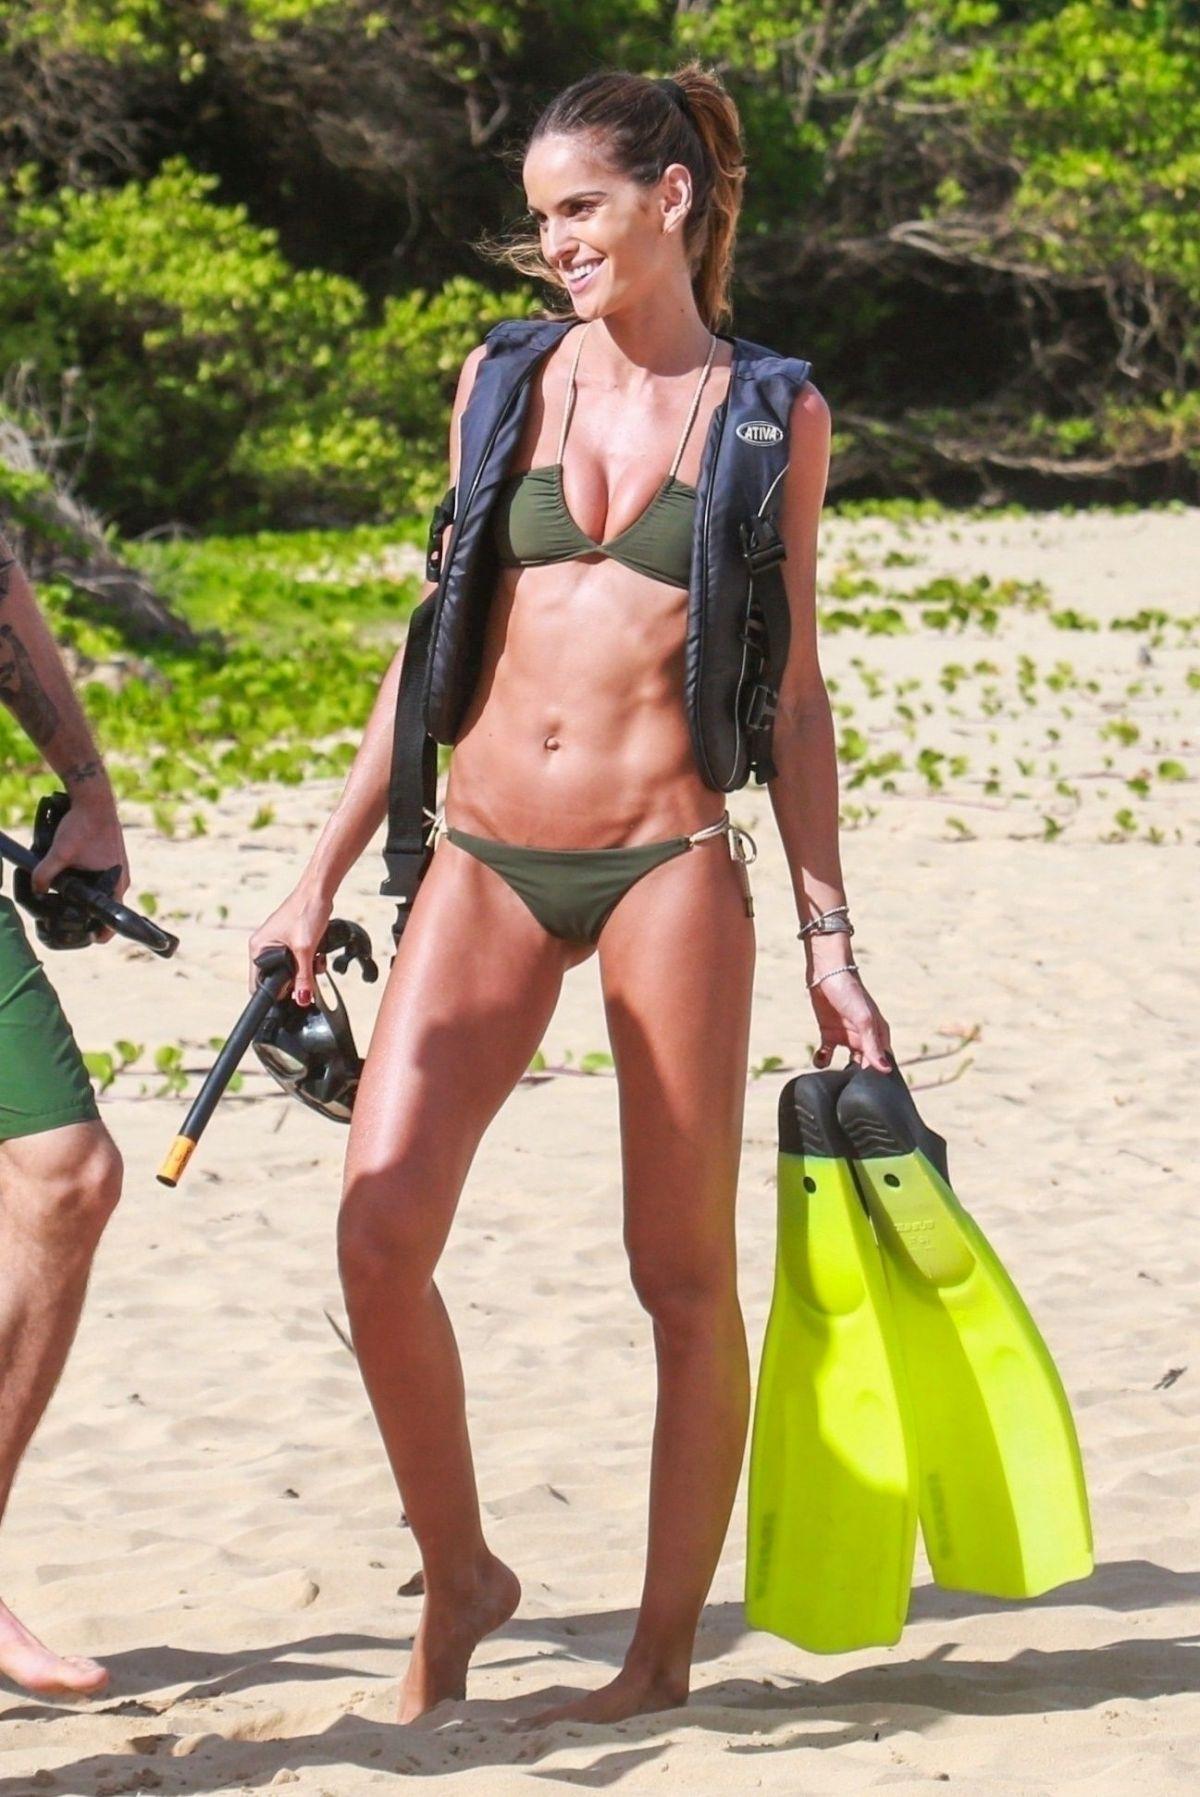 Izabel goulart bikini photos new pictures